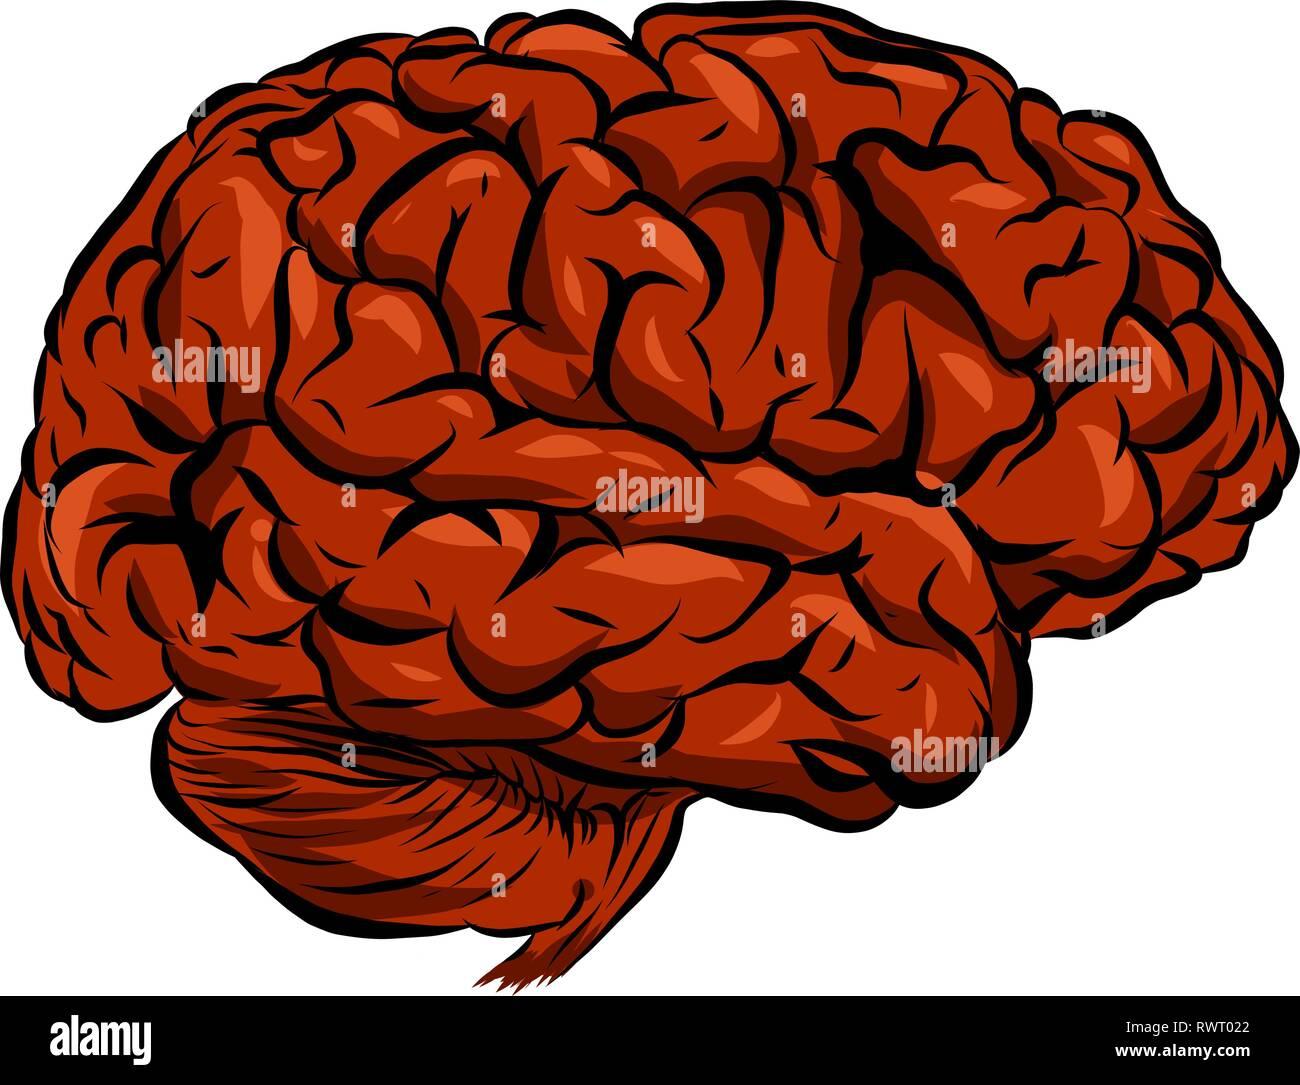 Ilustración de un cerebro humano con fondo blanco. Imagen De Stock